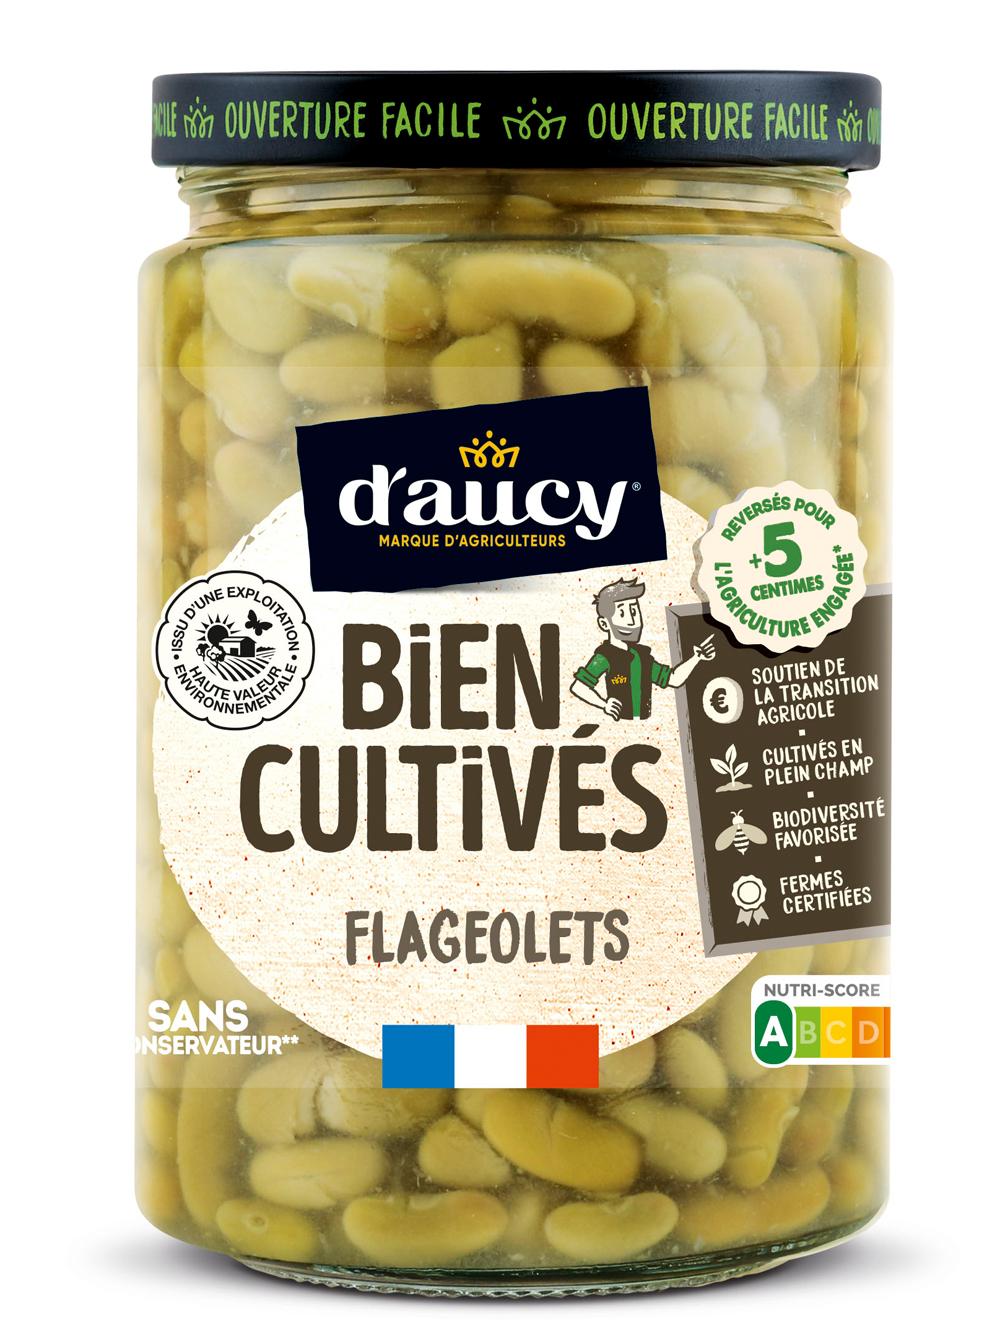 daucy06 - « Bien Cultivés » de d'aucy, la nouvelle gamme de légumes issus d'exploitations certifiées H.V.E.